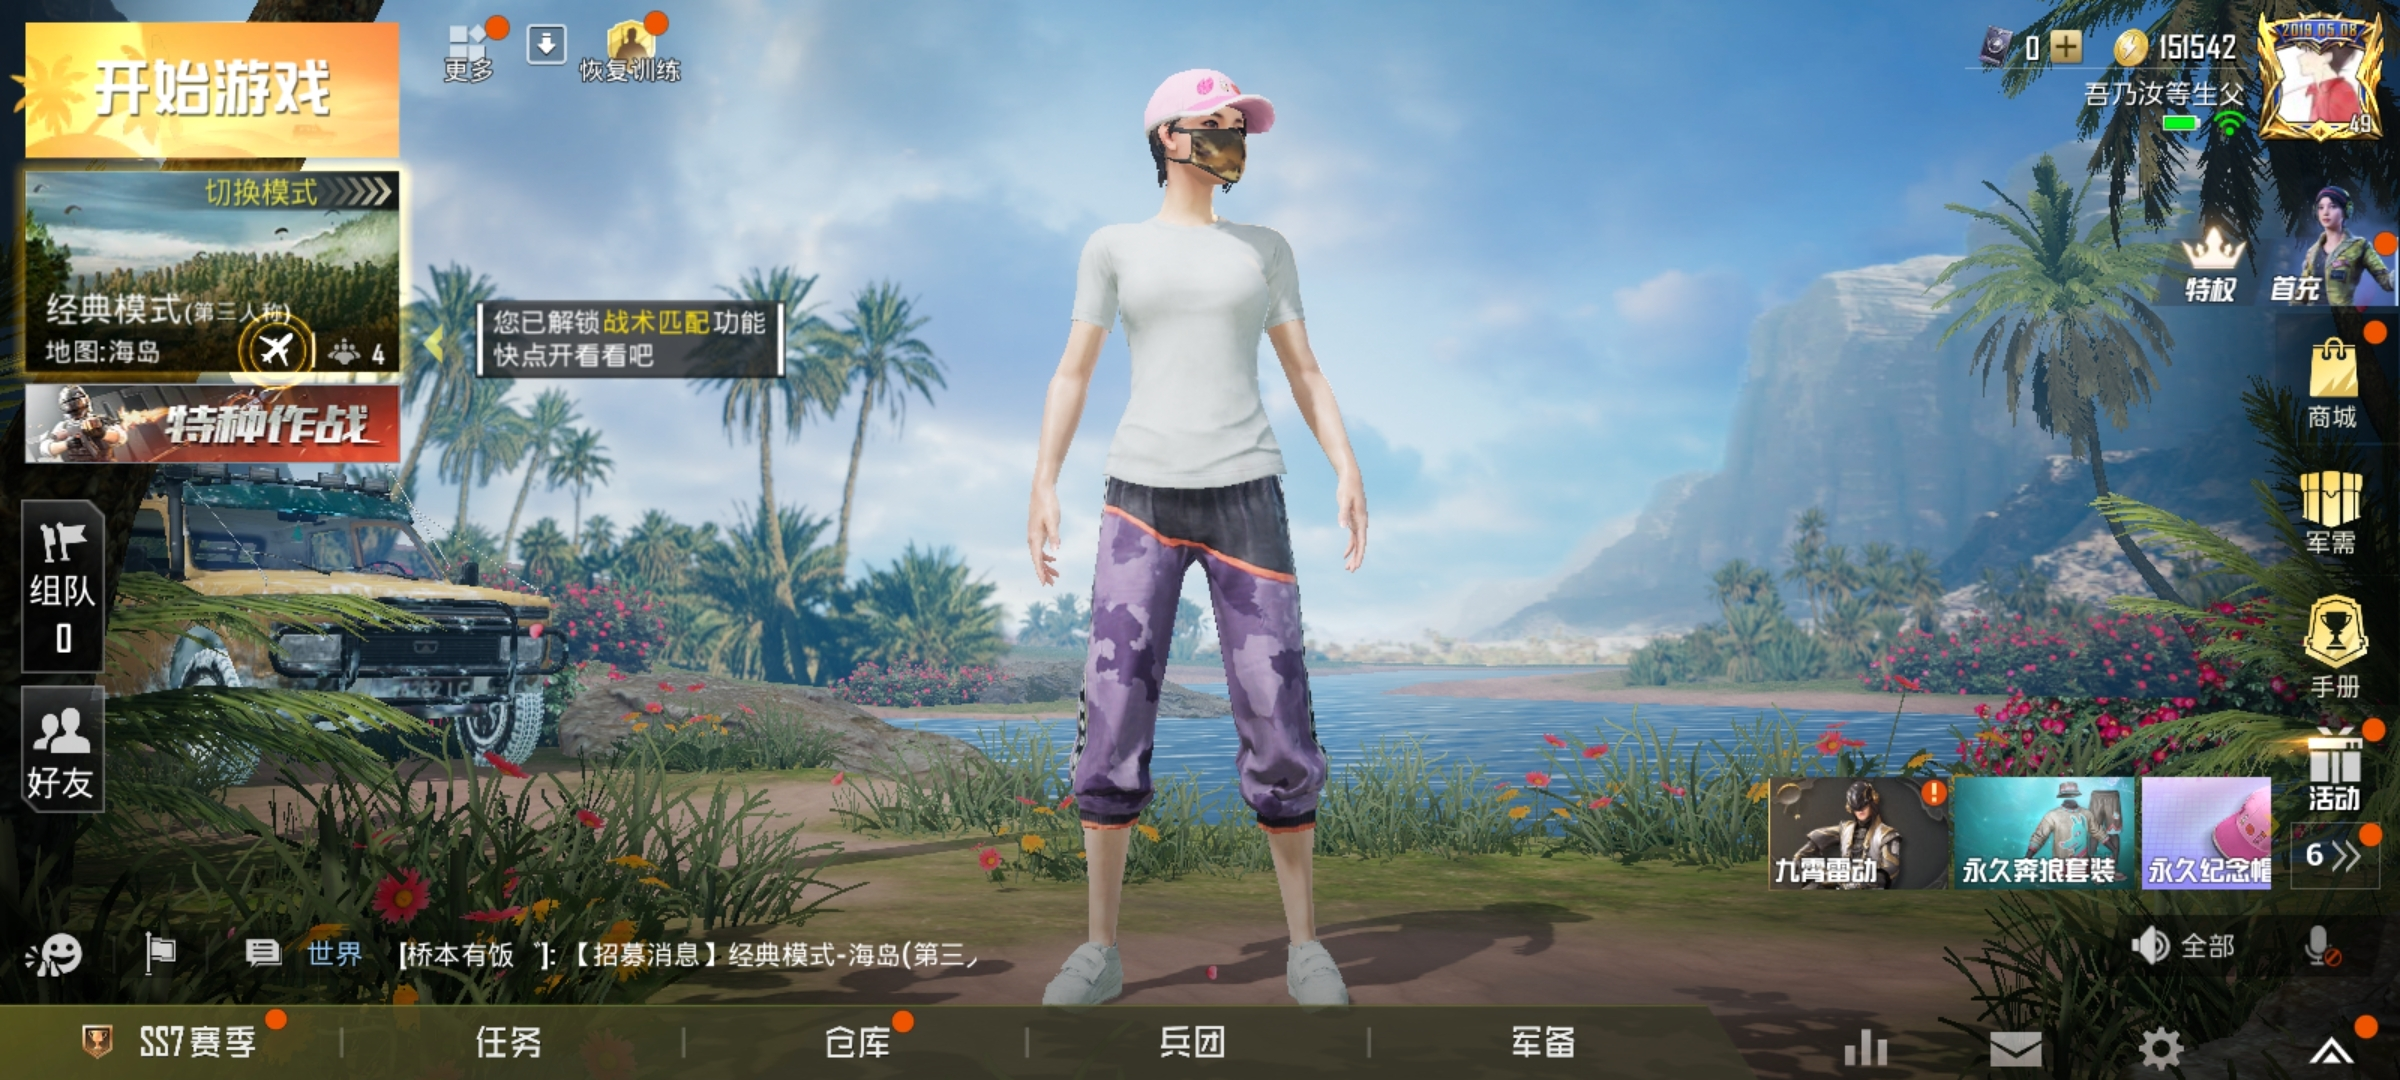 Screenshot_20200614_034218_com.tencent.tmgp.pubgmhd.jpg